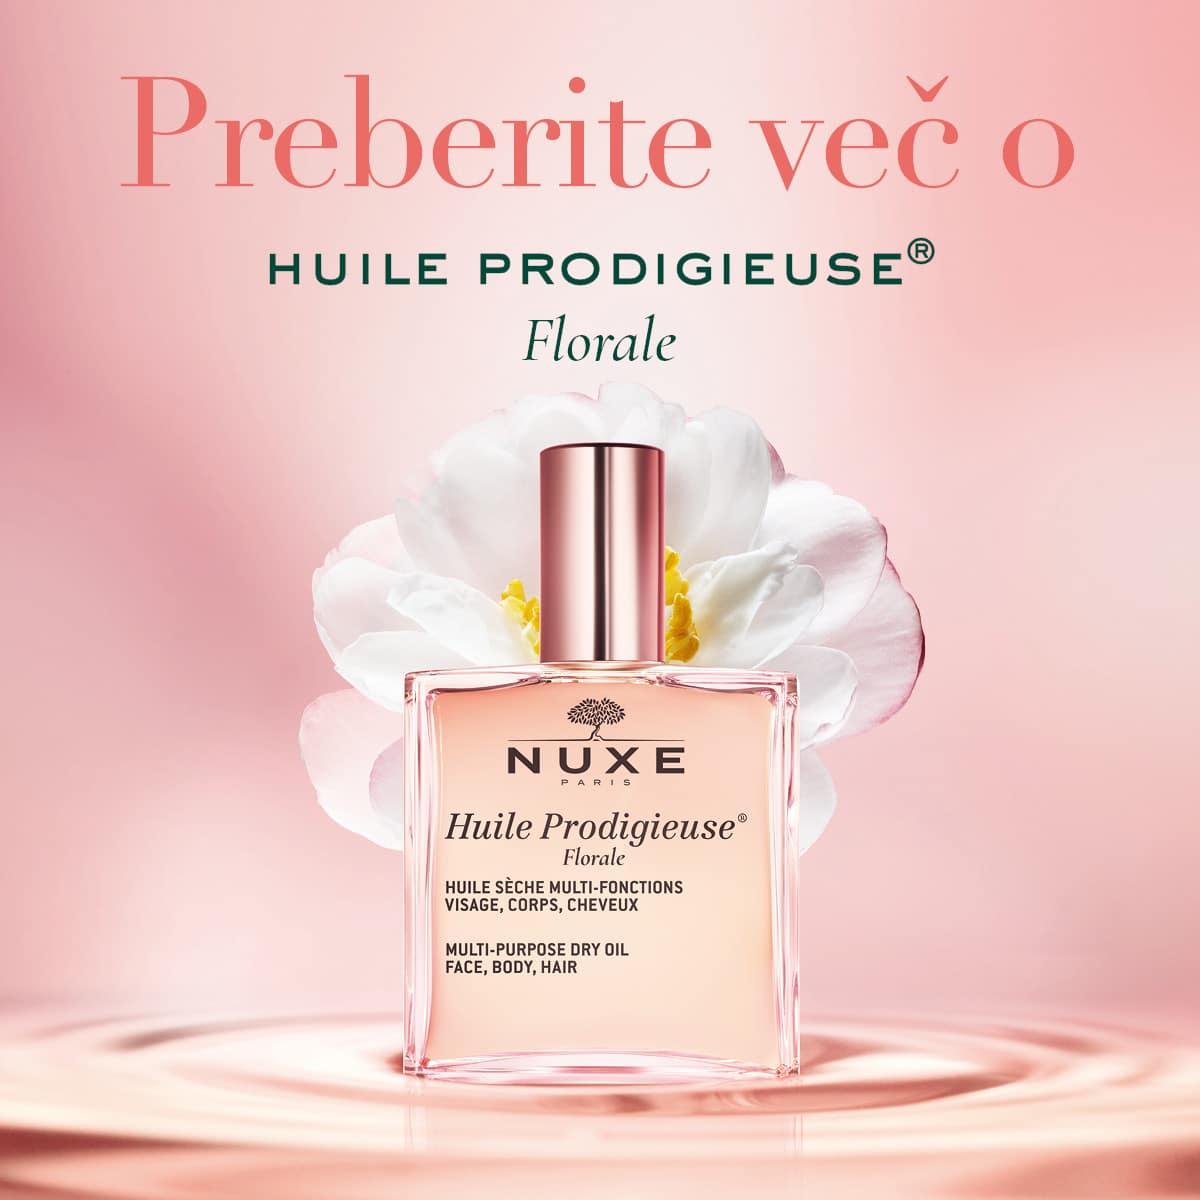 Huile Prodigieuse® Florale Čudežno suho olje Florale